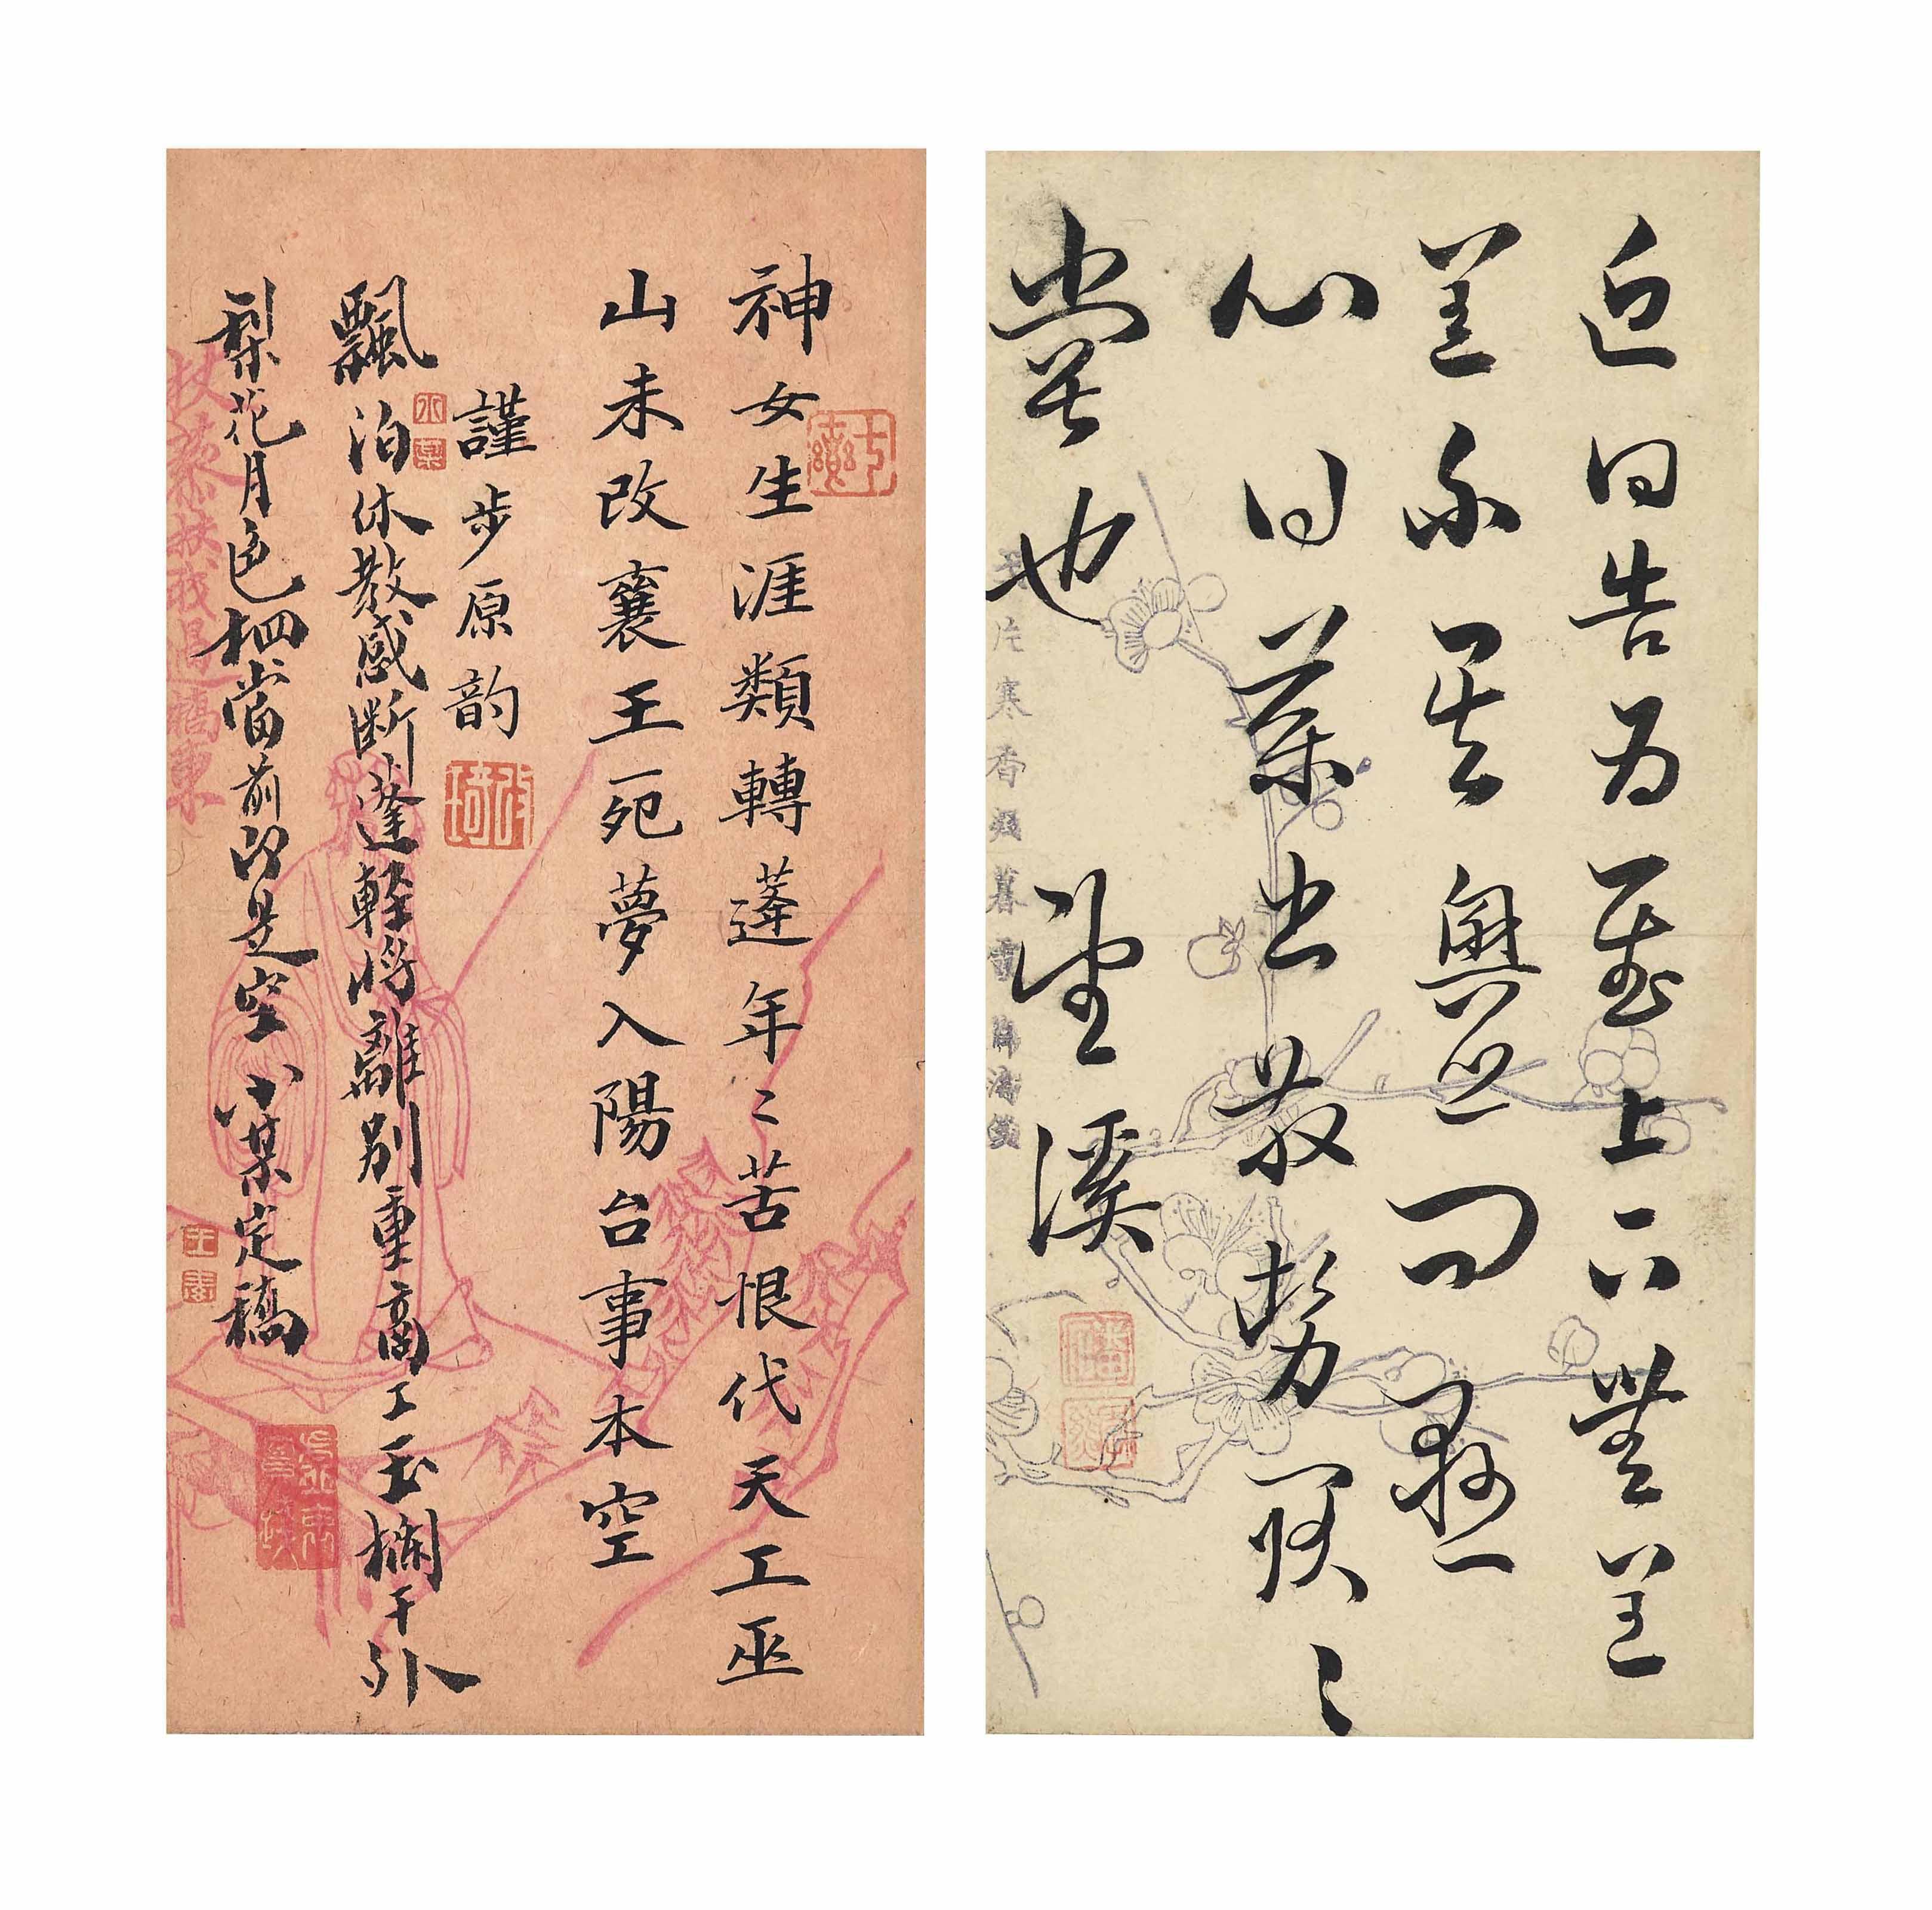 WANG SU (1794-1877), GAI QI (1